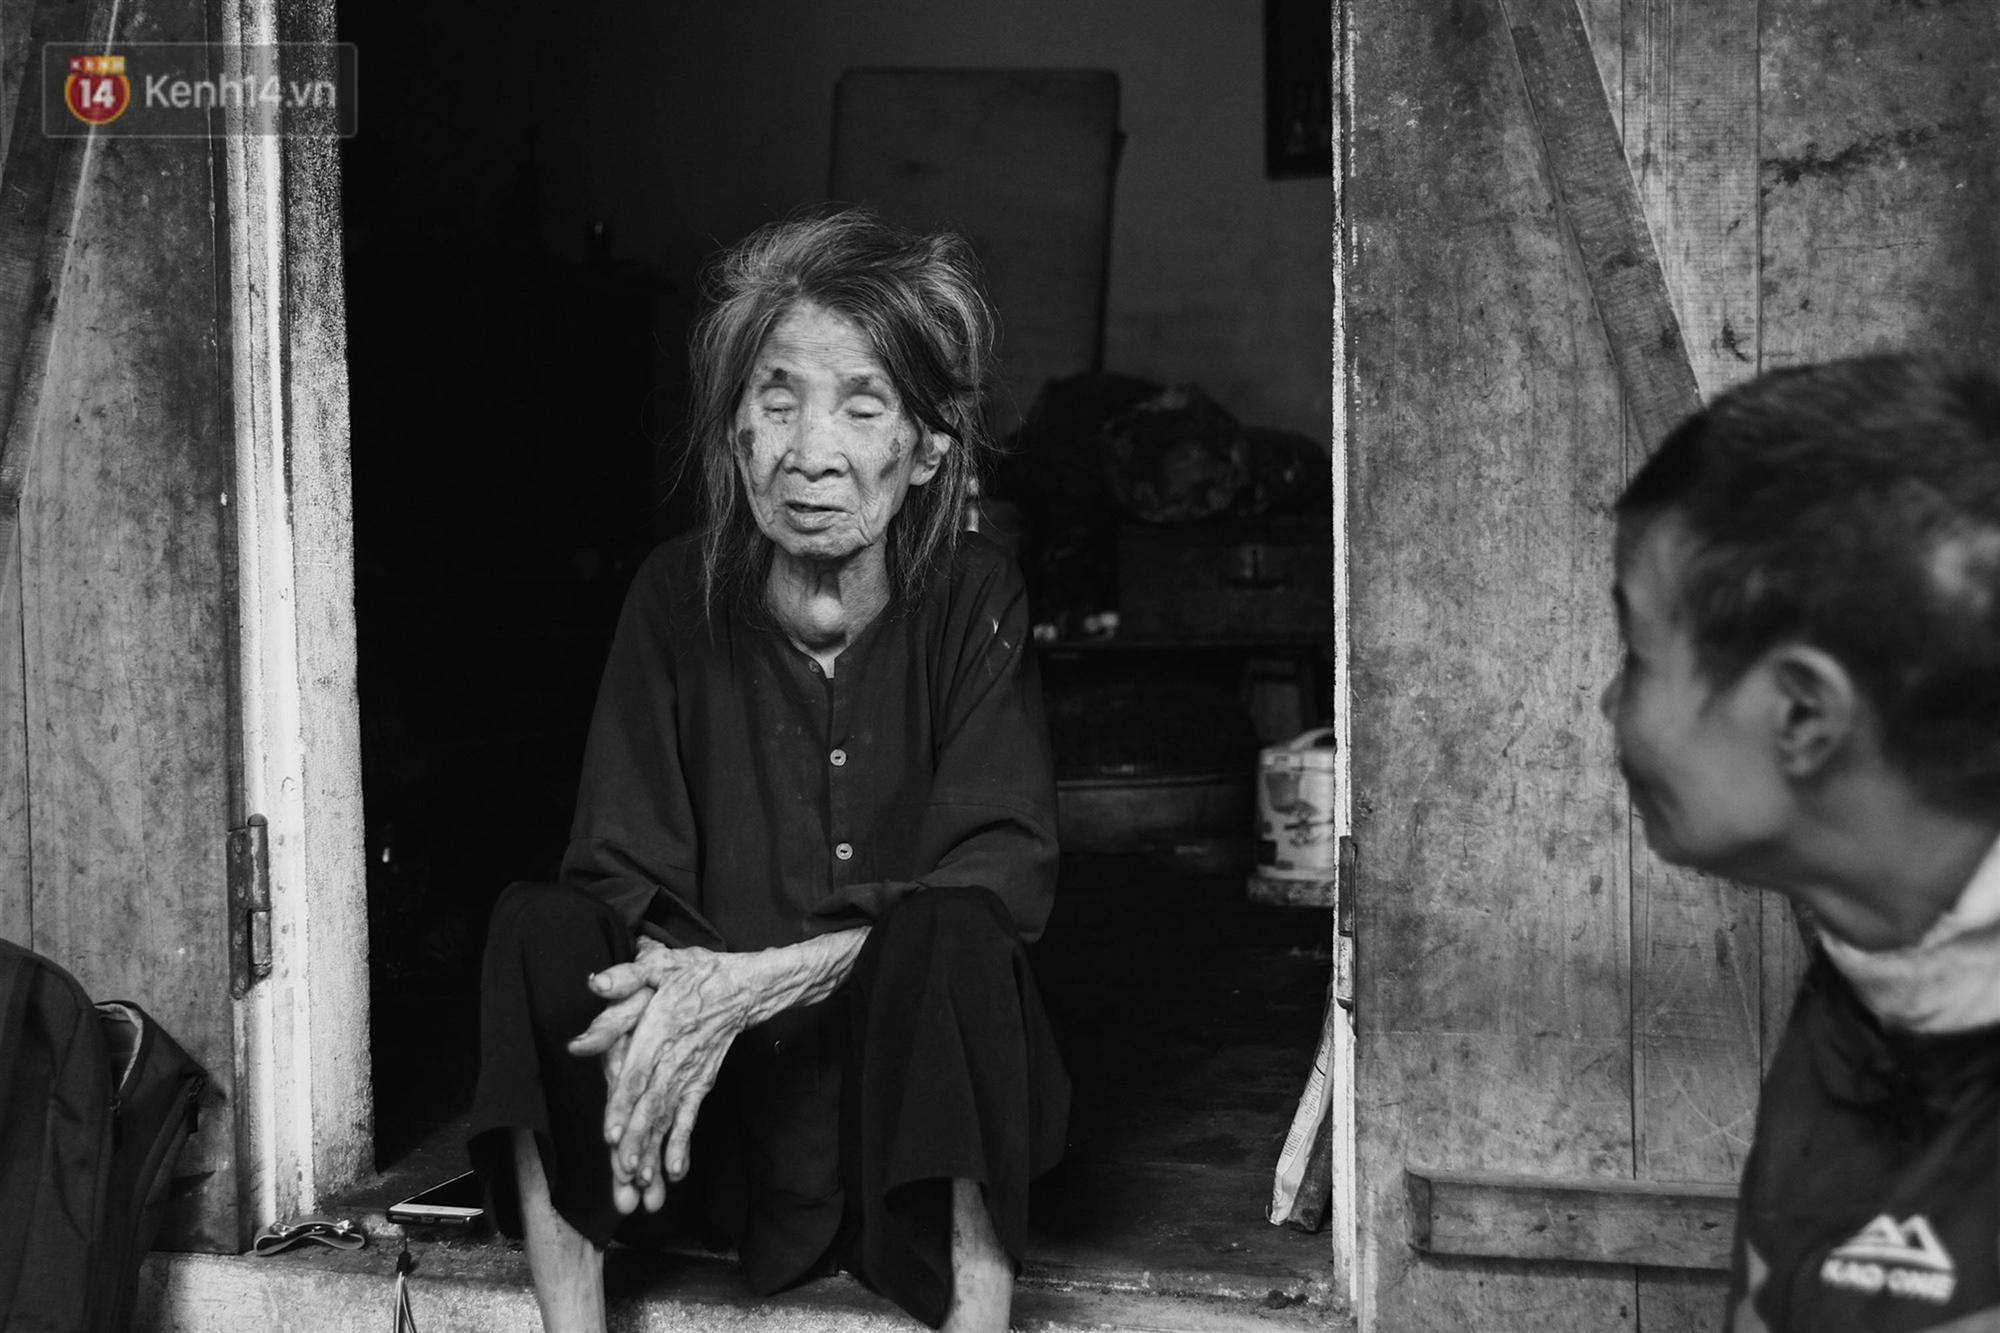 Ở Hà Nội, có một người mẹ mù gần 90 tuổi vẫn ngày đêm chăm đứa con gái điên: Còn sống được lúc nào, thì tôi còn nuôi nó-15